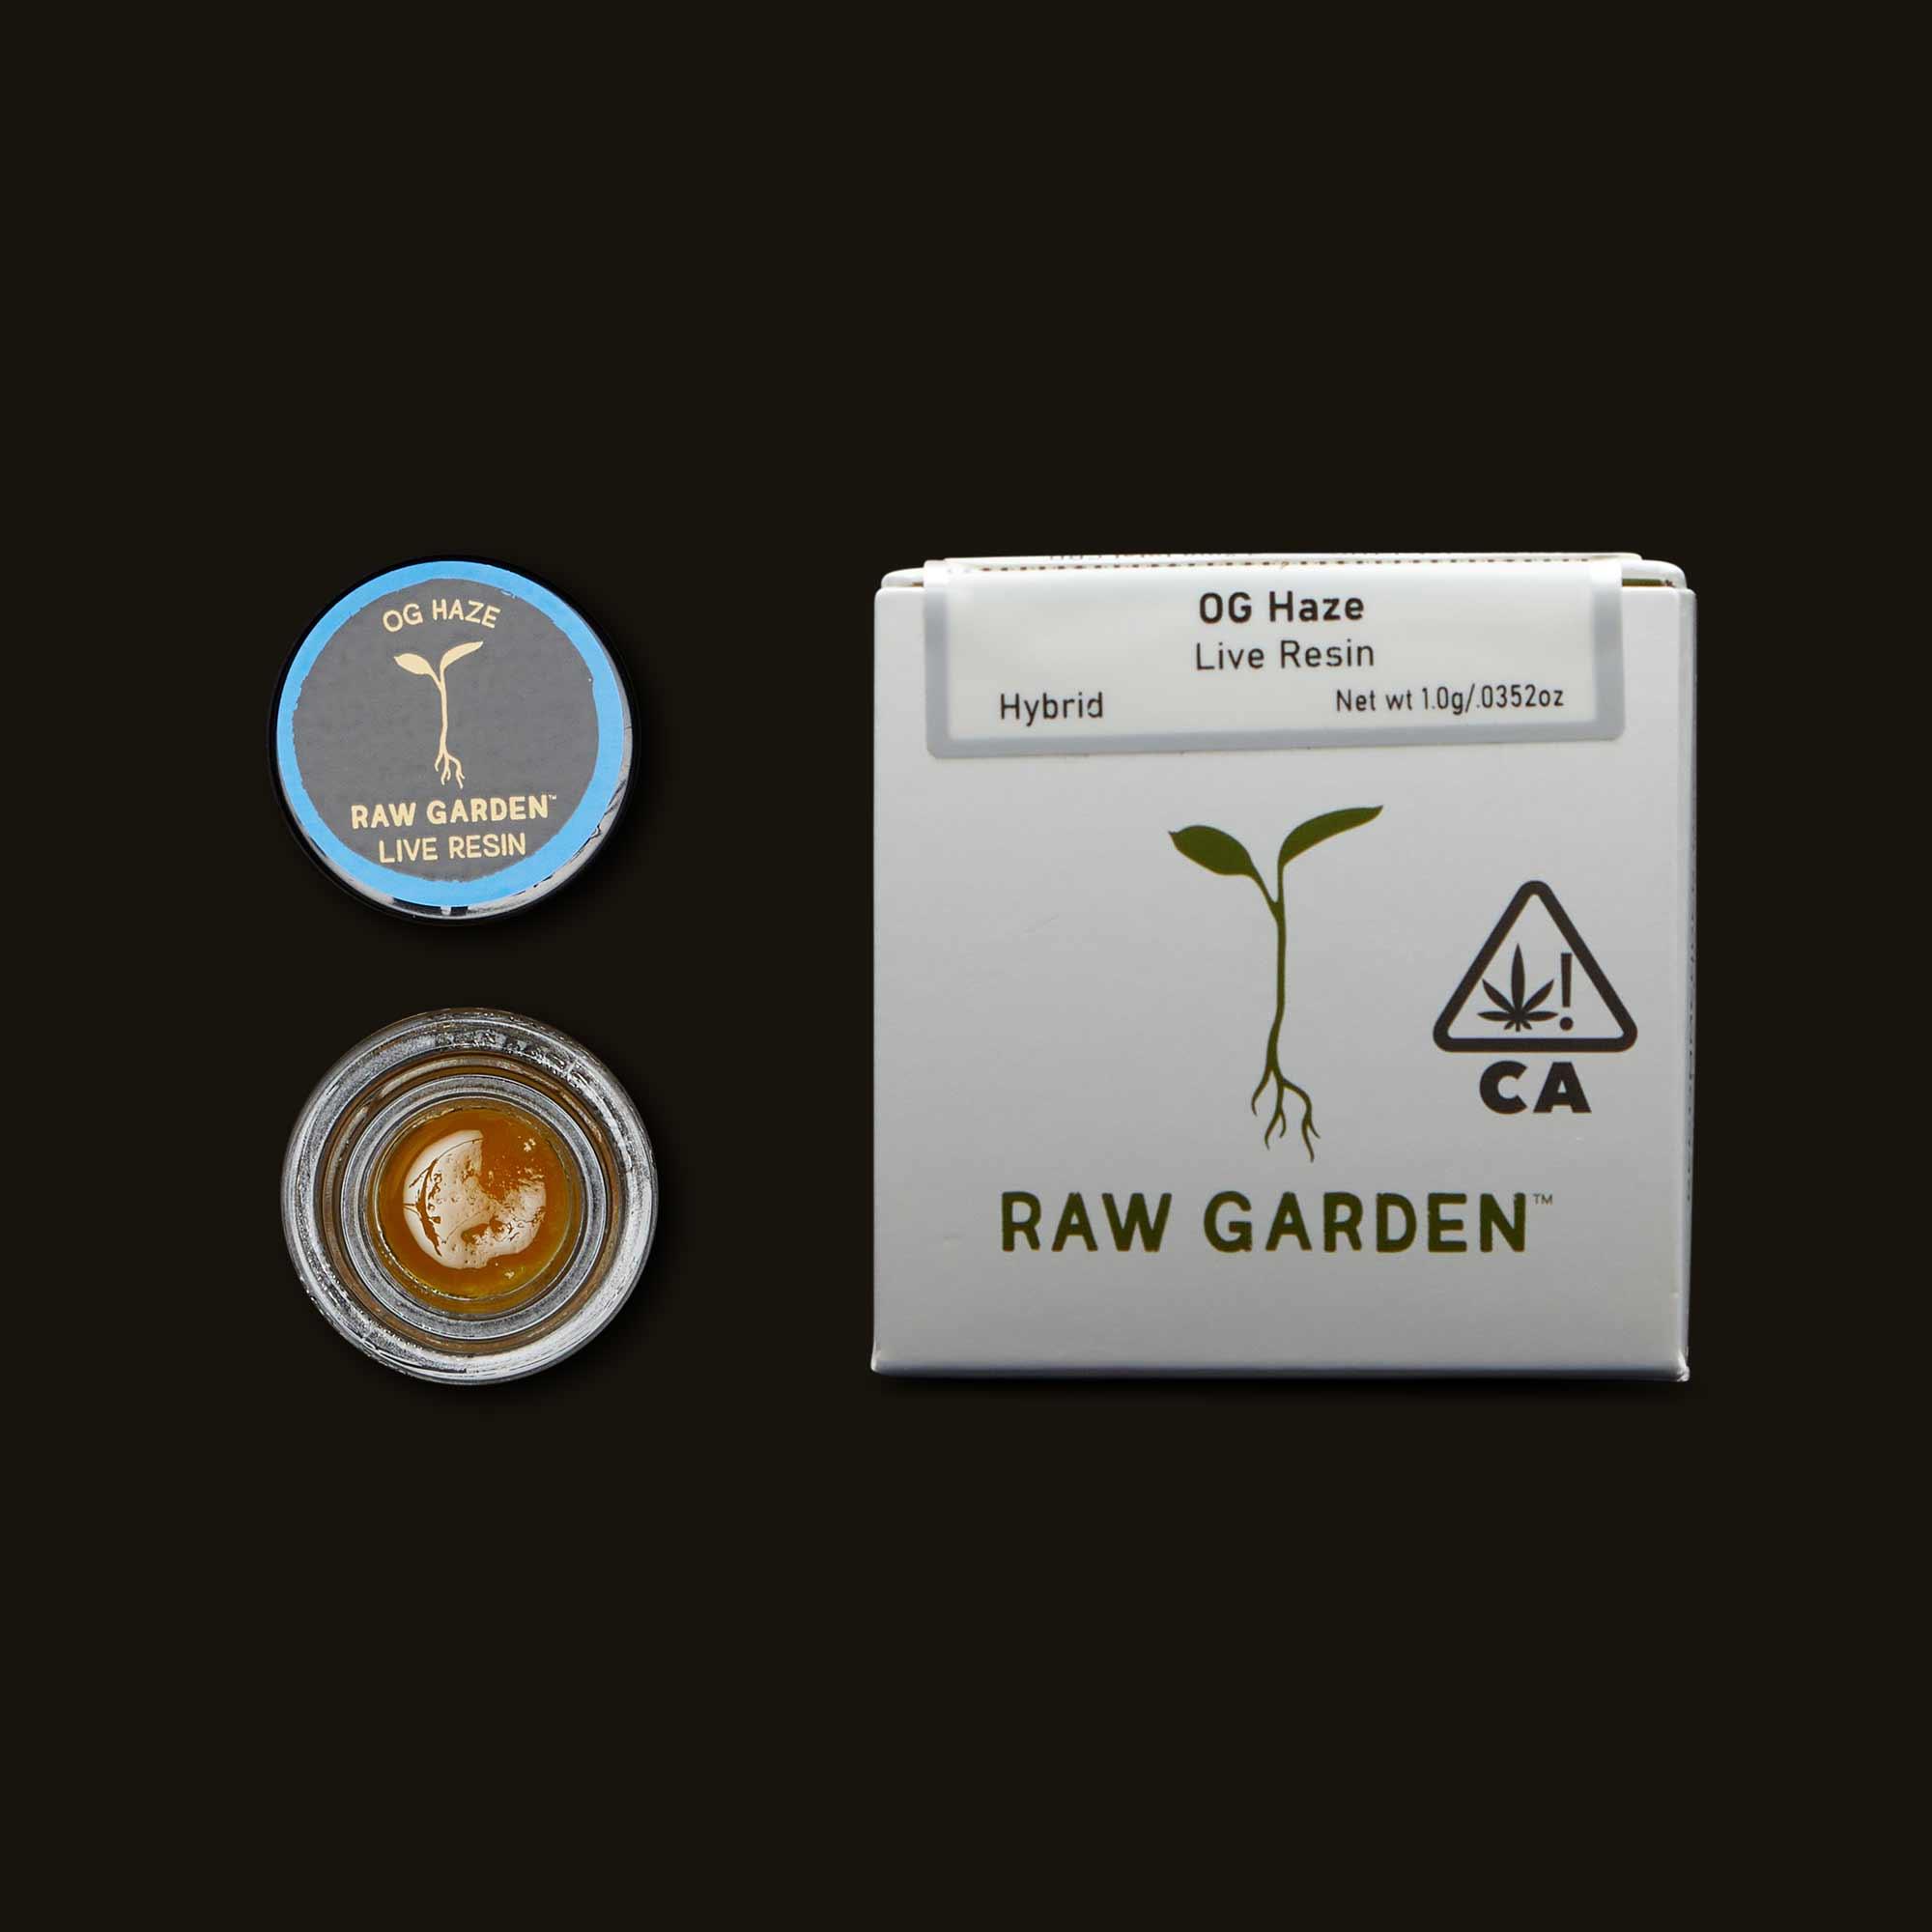 Raw Garden OG Haze Live Resin